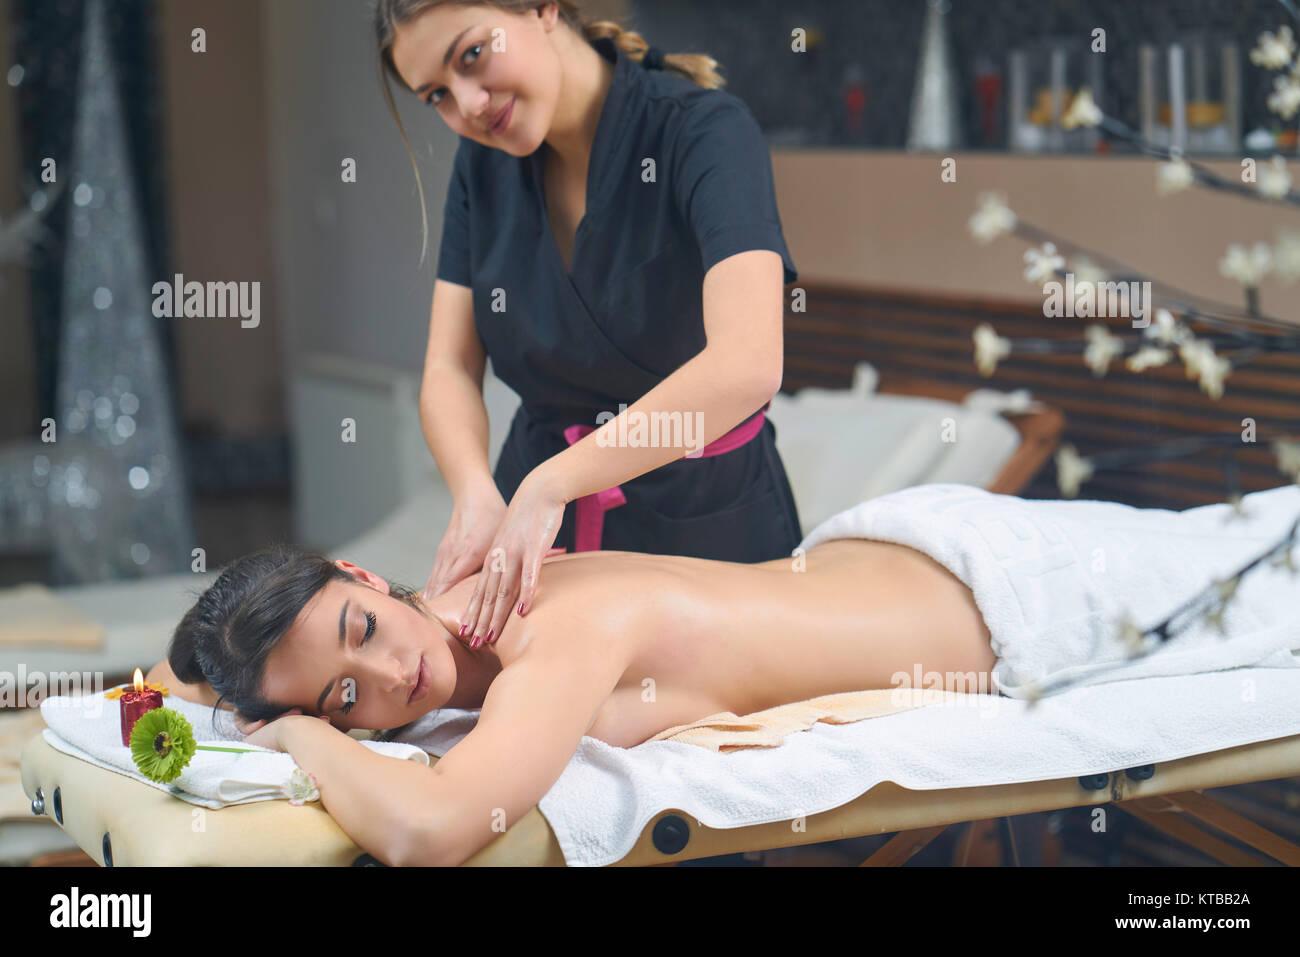 Spa-Frau. Frauen genießen entspannende Rückenmassage in Kosmetik-Wellness-Center. Körper-Pflege, Stockbild